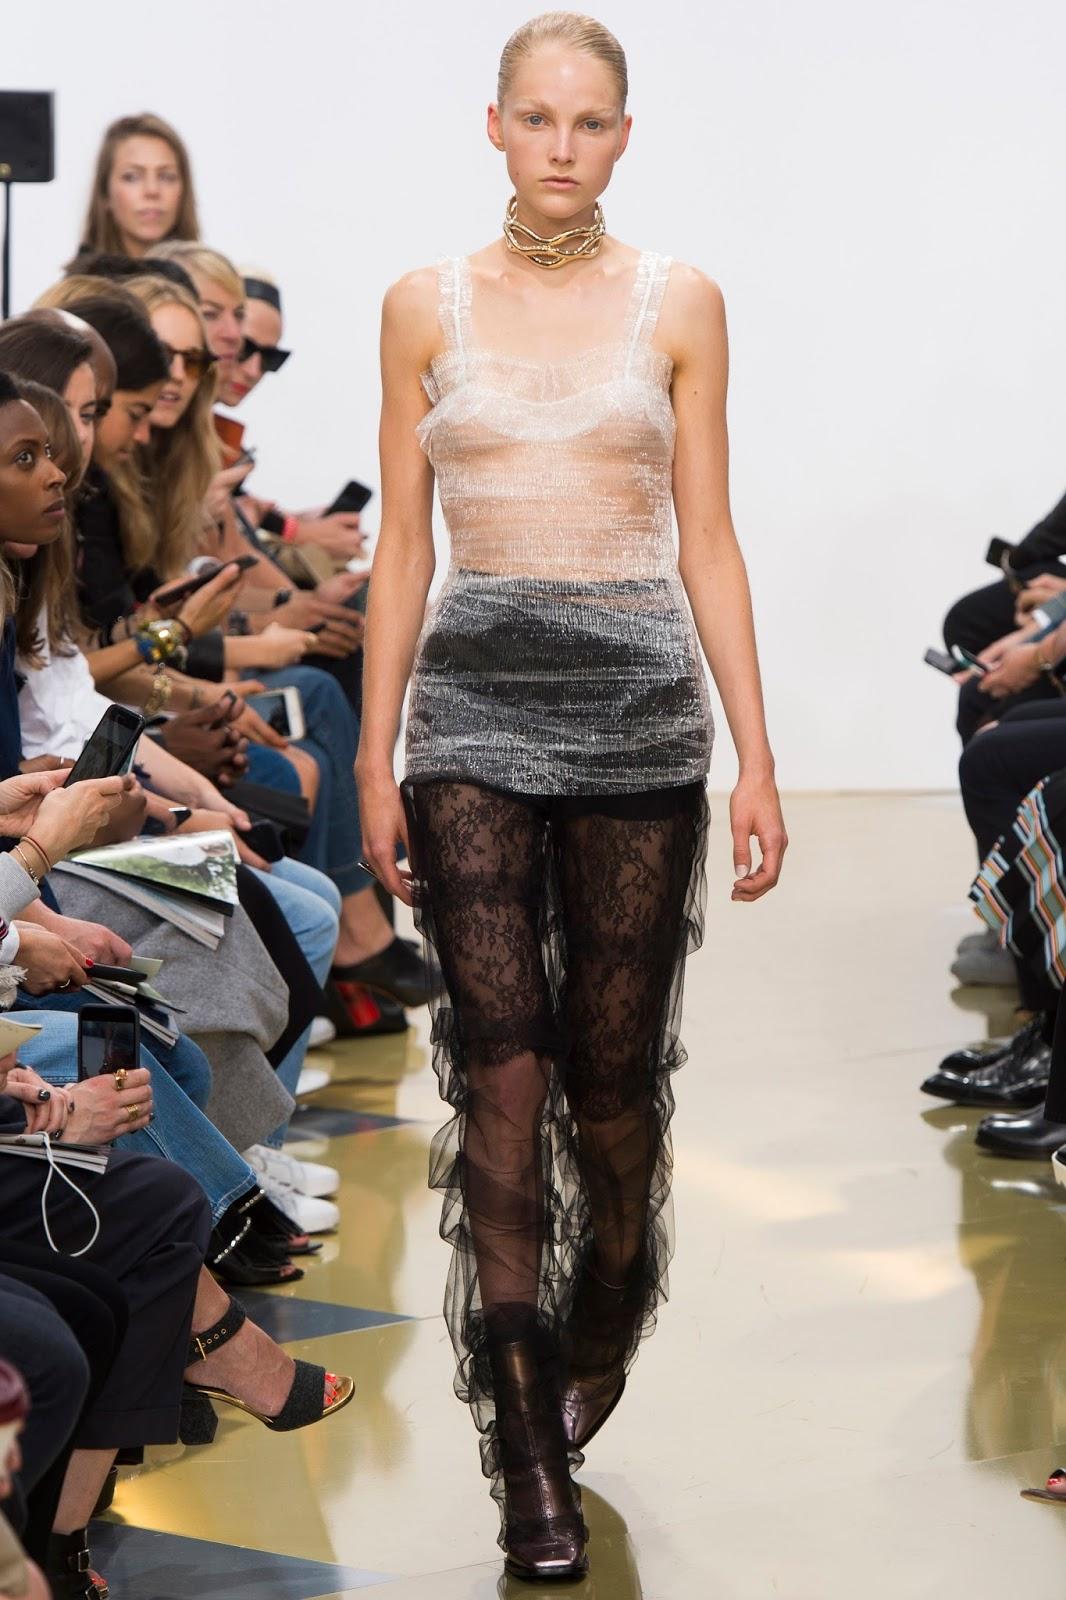 lfw spring 2016, London Fashion Week, sheer, catwalk, model